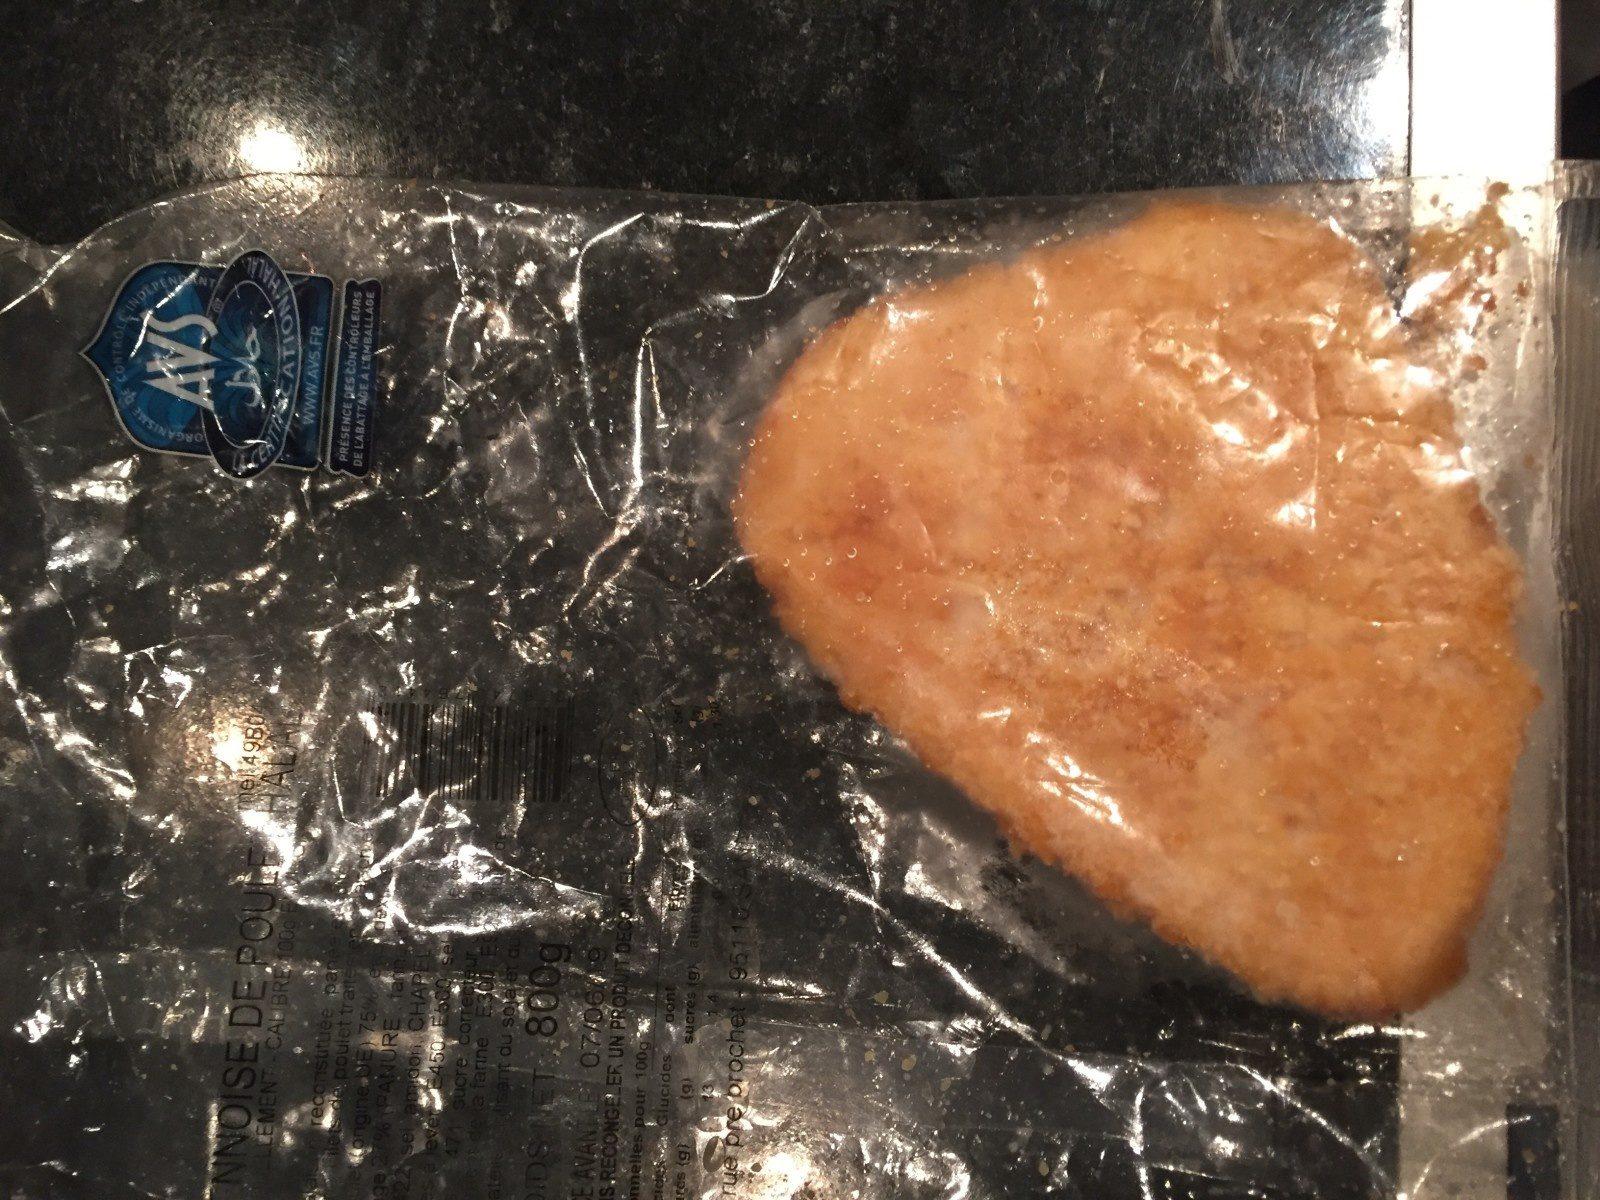 Escalope viennoise de poulet halal - Ingredients - fr